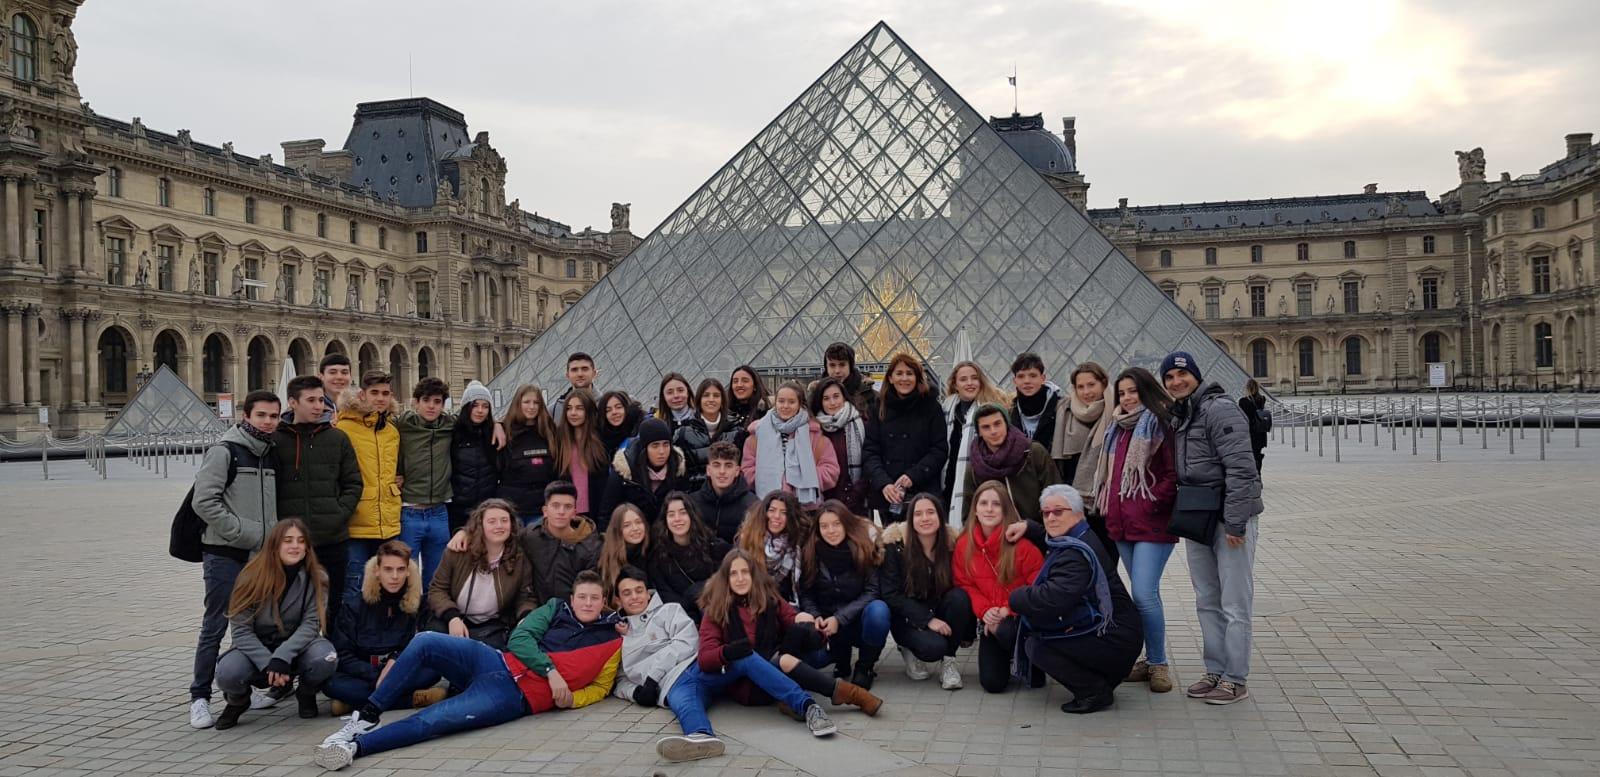 Segundo día en París de los alumnos de 2º de bachillerato del Colegio Blanca de Castilla (18-19)